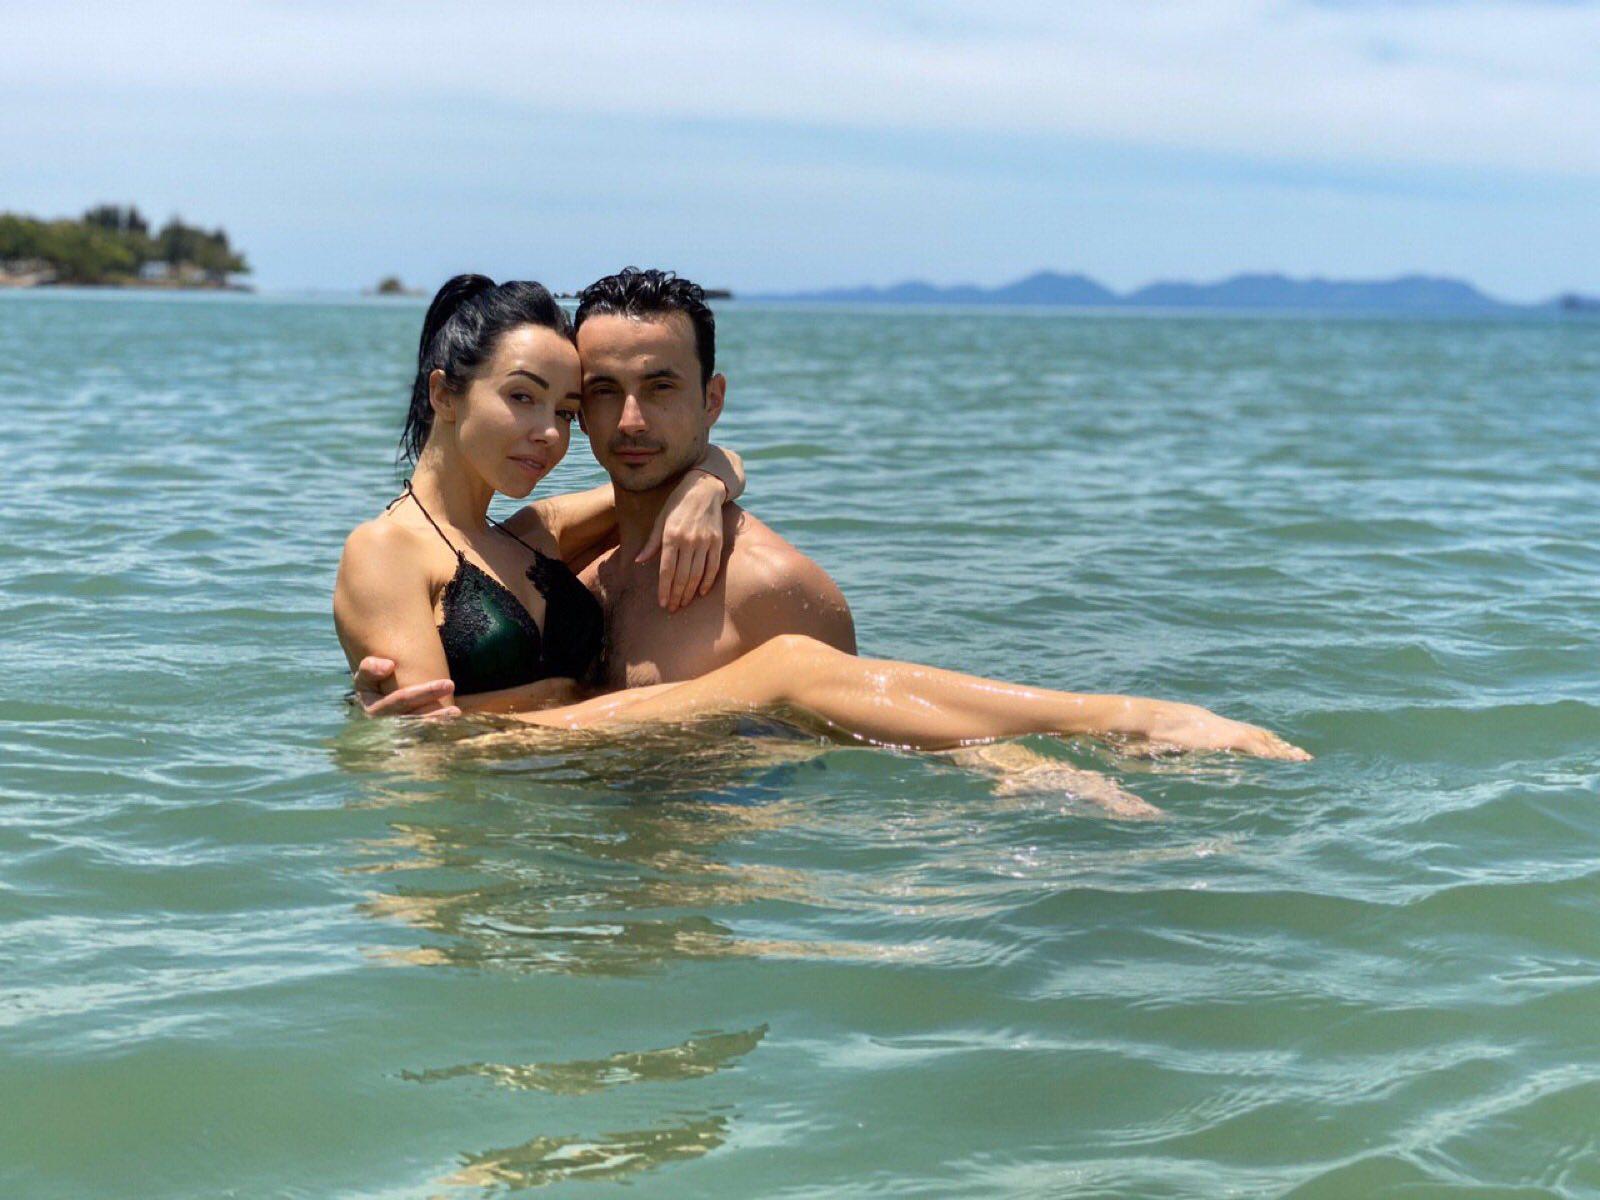 Путешествие в сказку: Екатерина Кухар и Александр Стоянов рассказали о медовом месяце в Таиланде